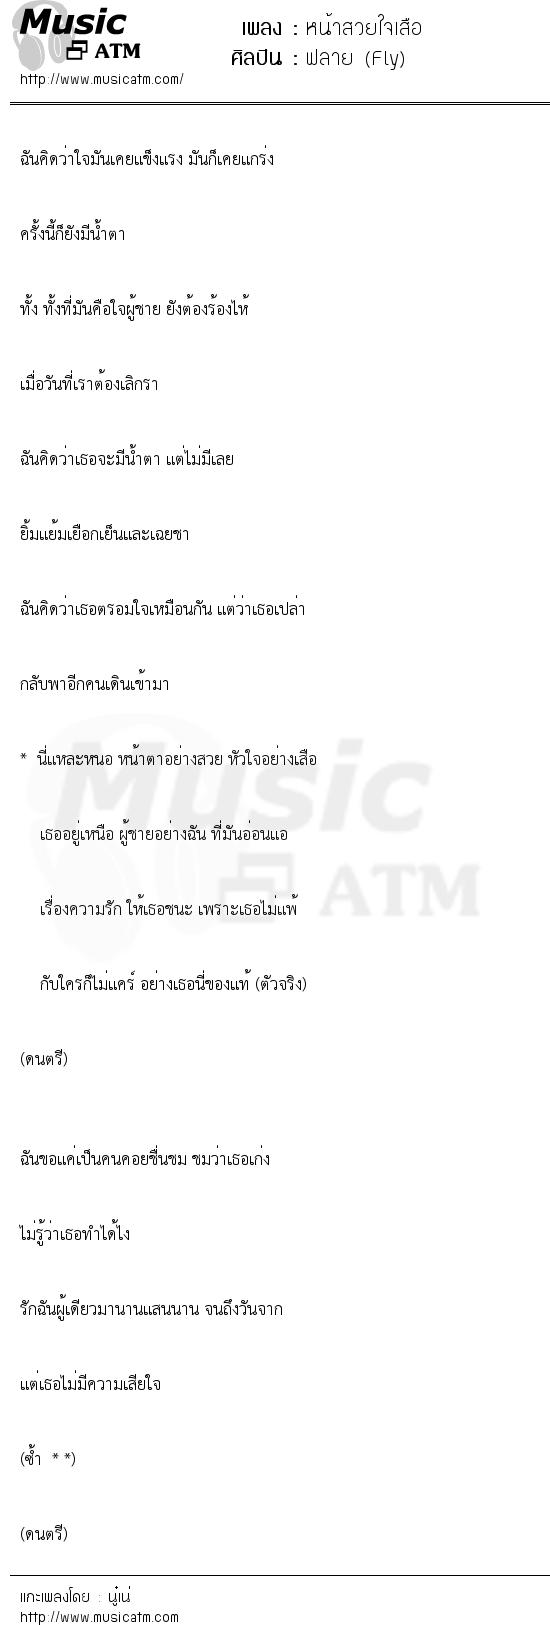 หน้าสวยใจเสือ | เพลงไทย